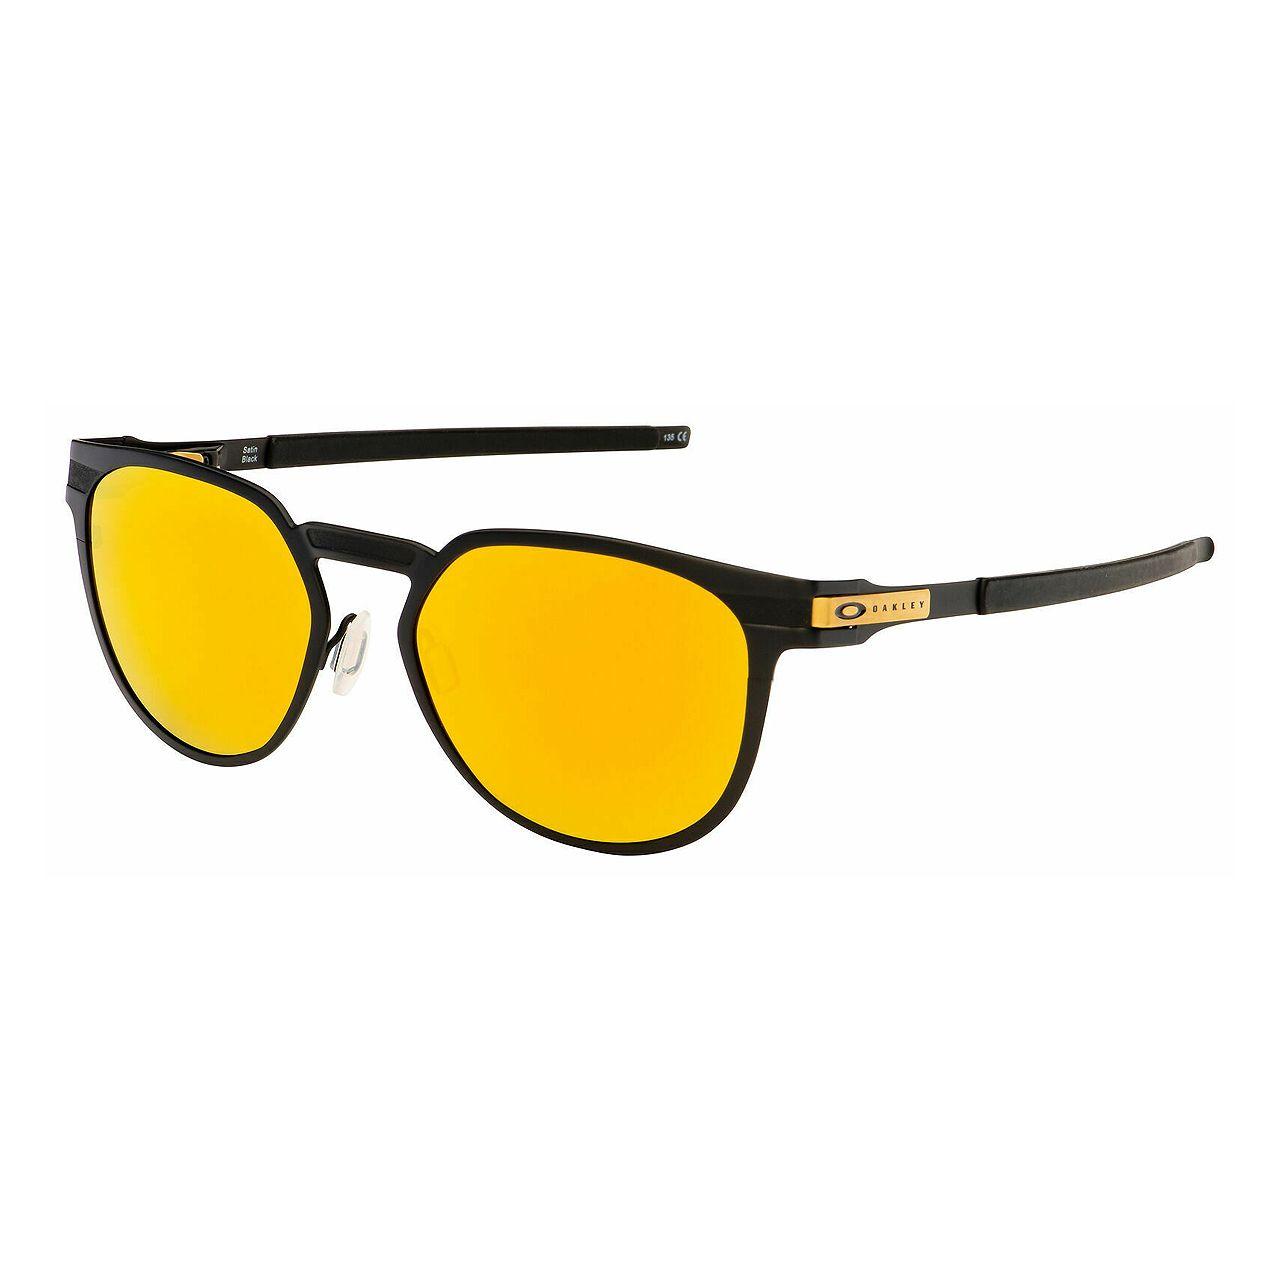 عینک آفتابی اوکلی مدل Diecutter Satin کد OO4137-0355 -  - 3